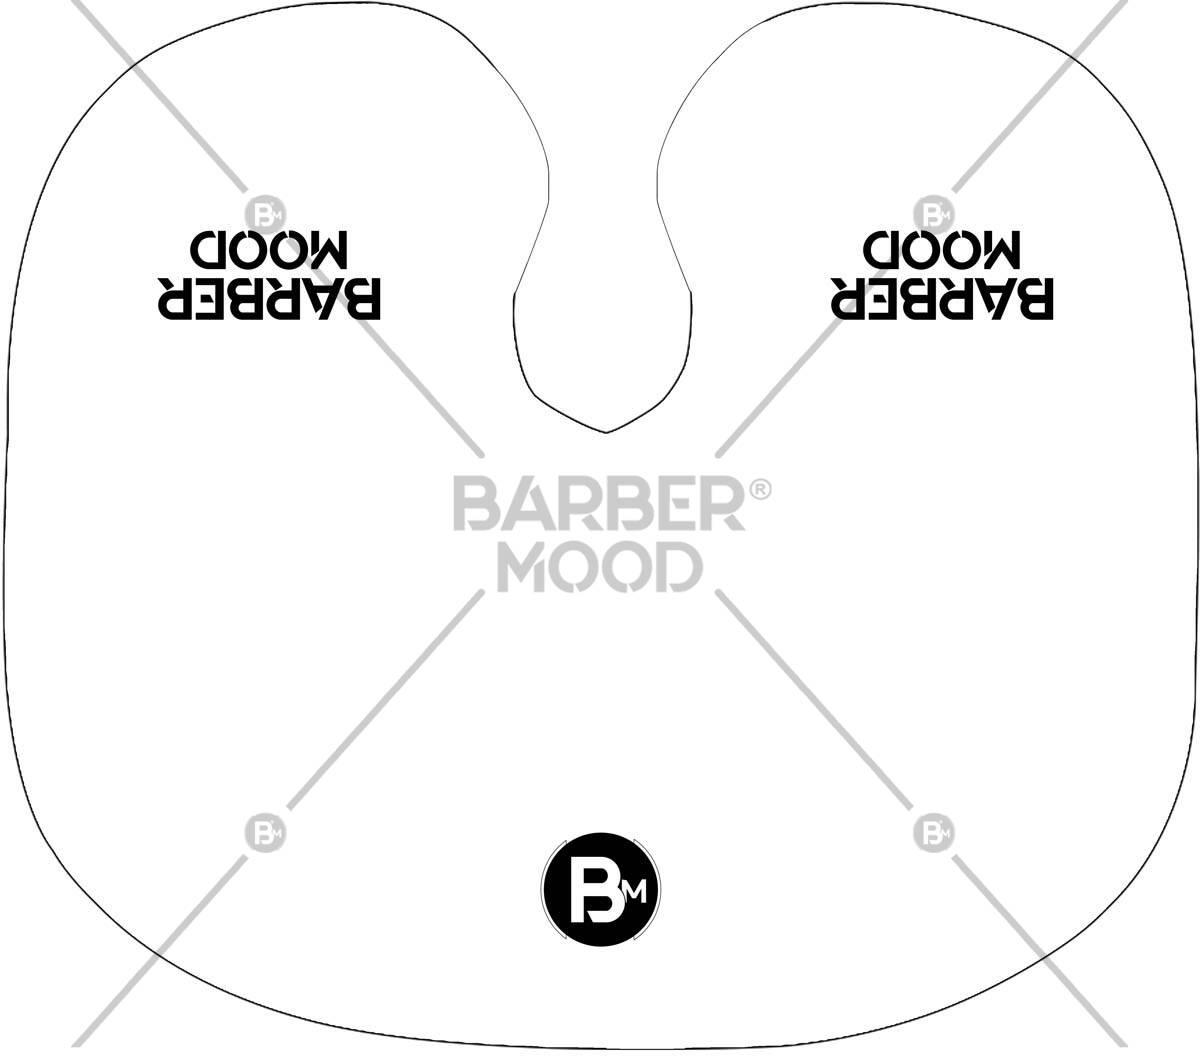 Barber Mood Beyaz Tarama Penuarı ürünü kuaför ve berberlerin en çok tercih ettiği bir tarama fön penuarıdır. Firma logonuz ile size özel baskılı penuar yapılabilir.